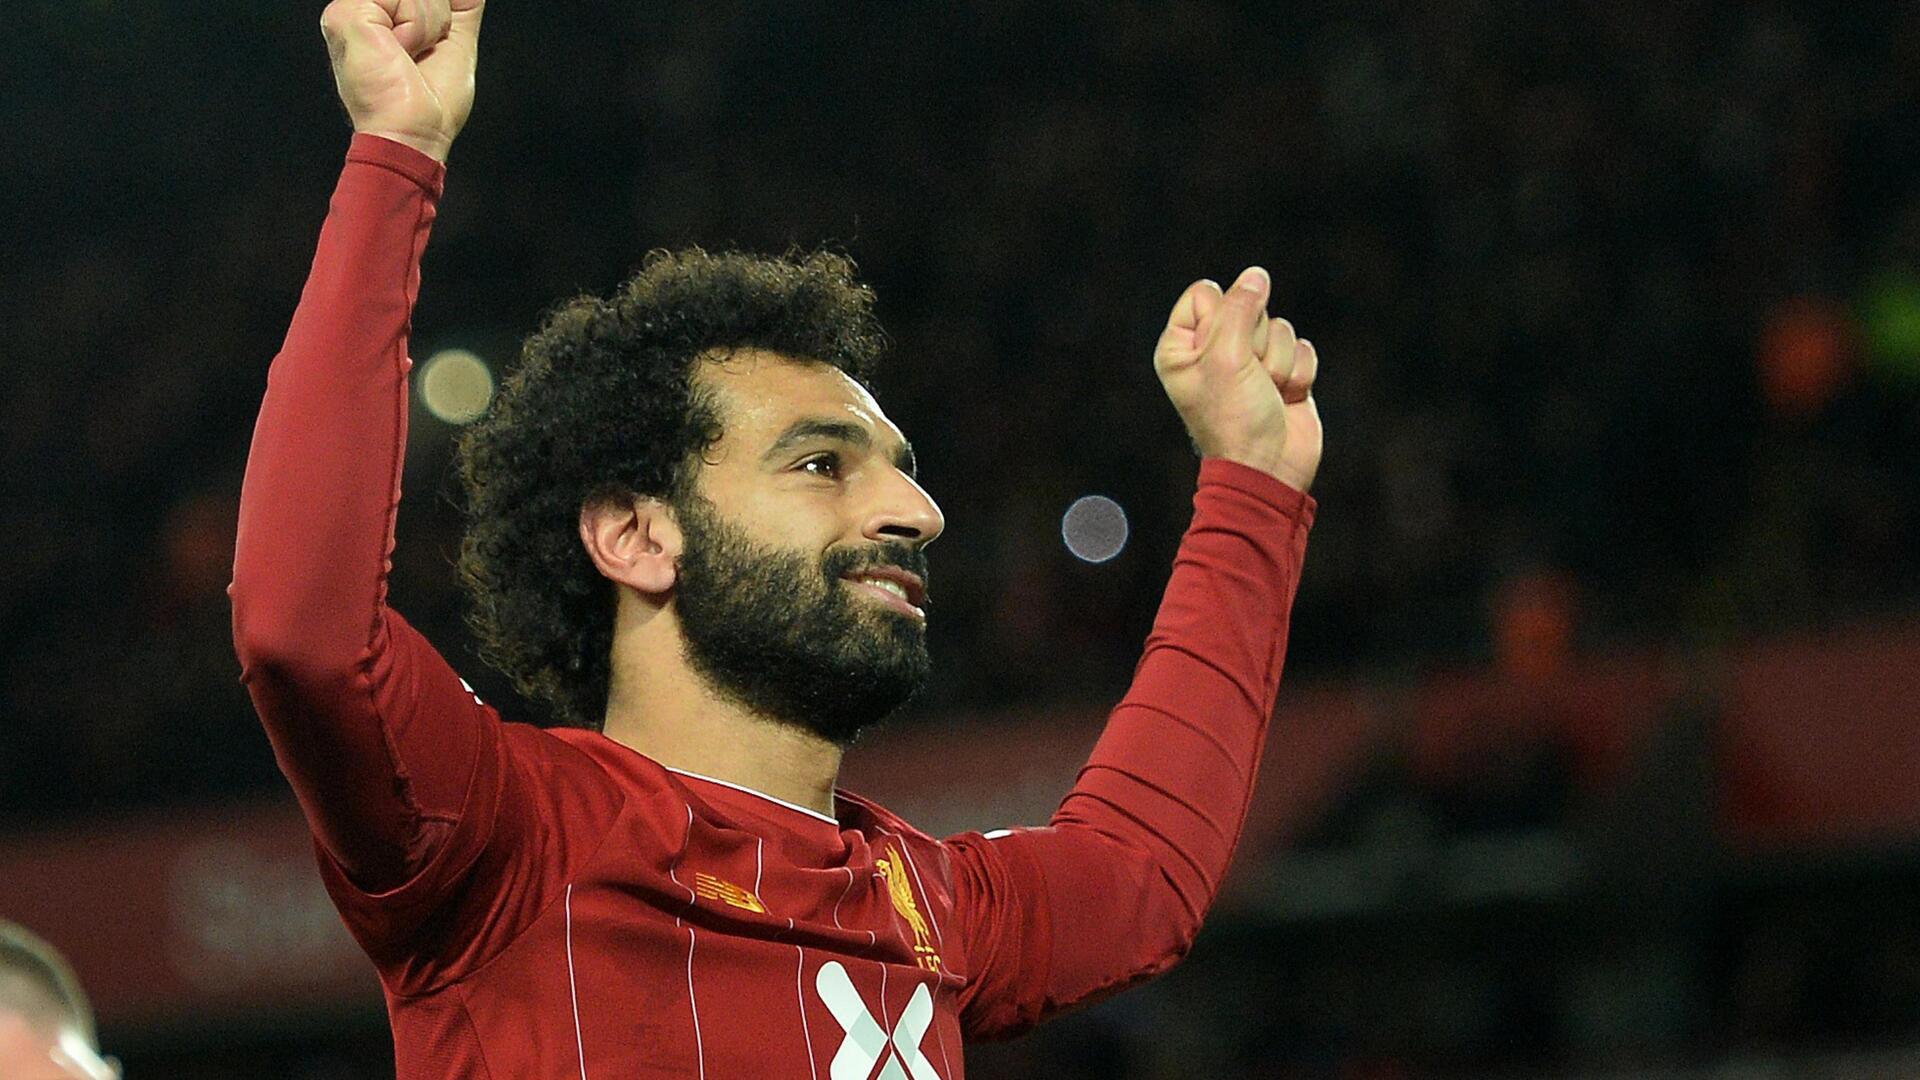 قطر تتعهد لمحمد صلاح قبل كأس العالم للأندية